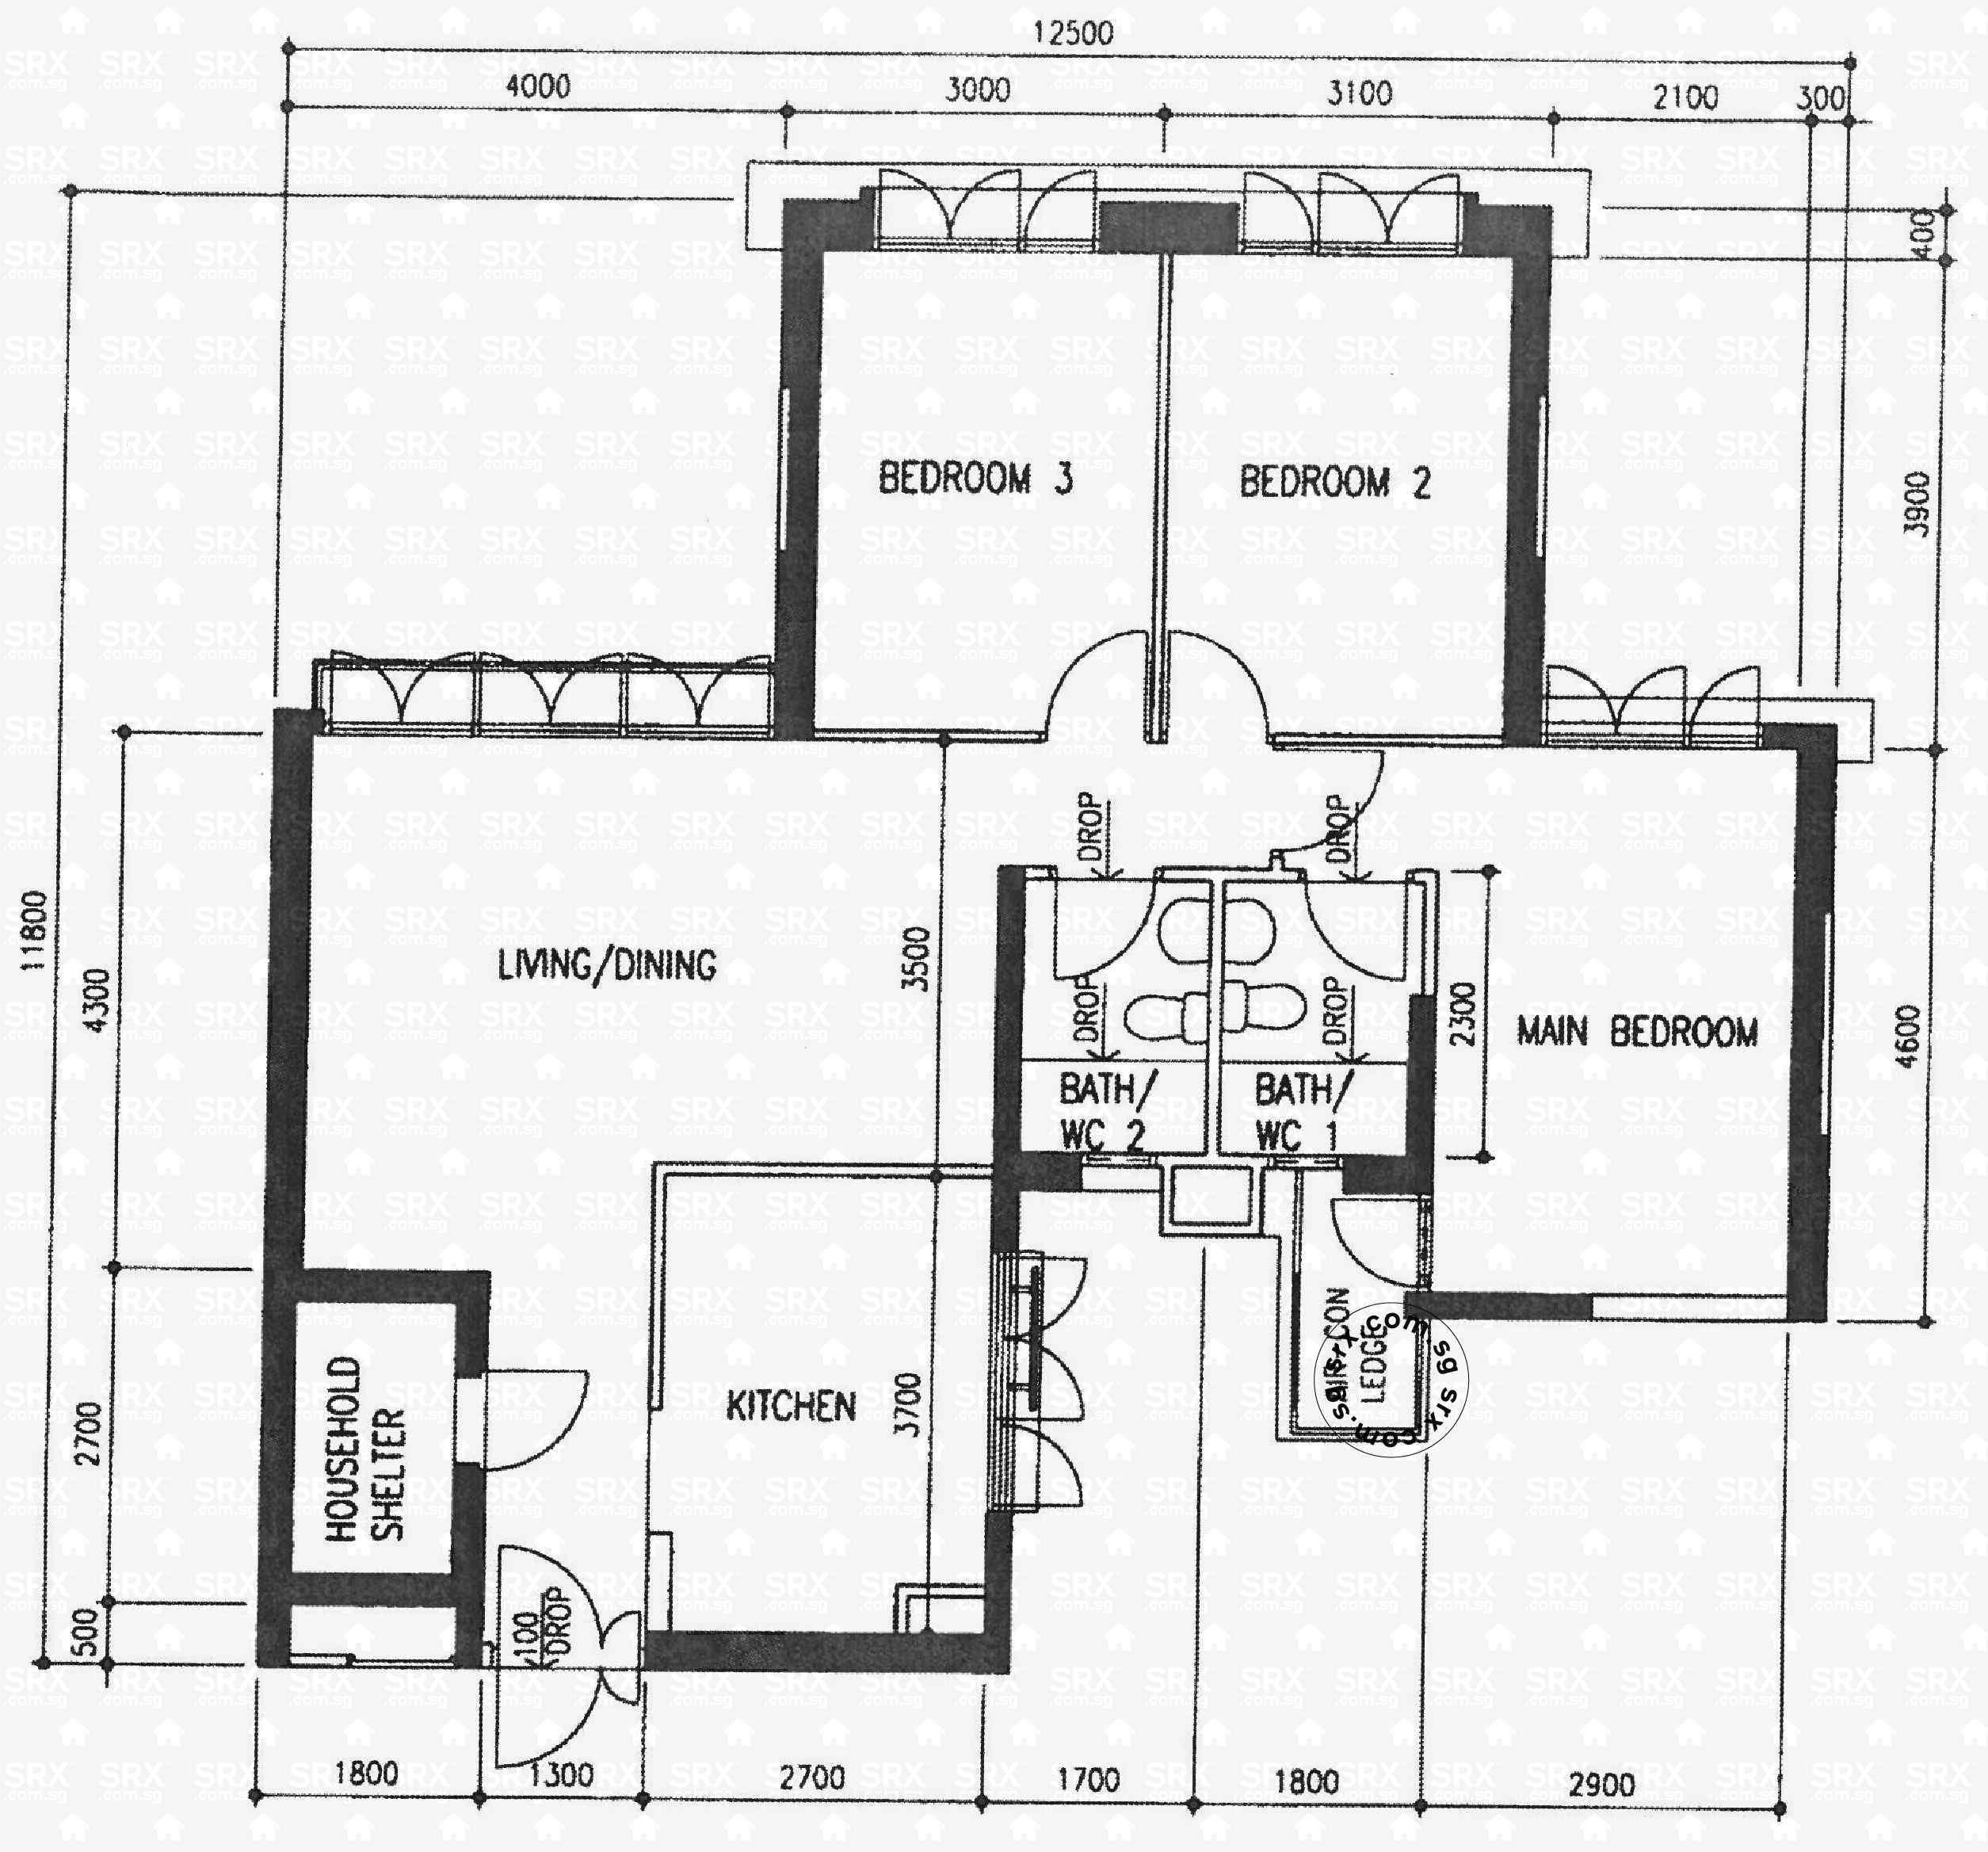 3d schematic plans